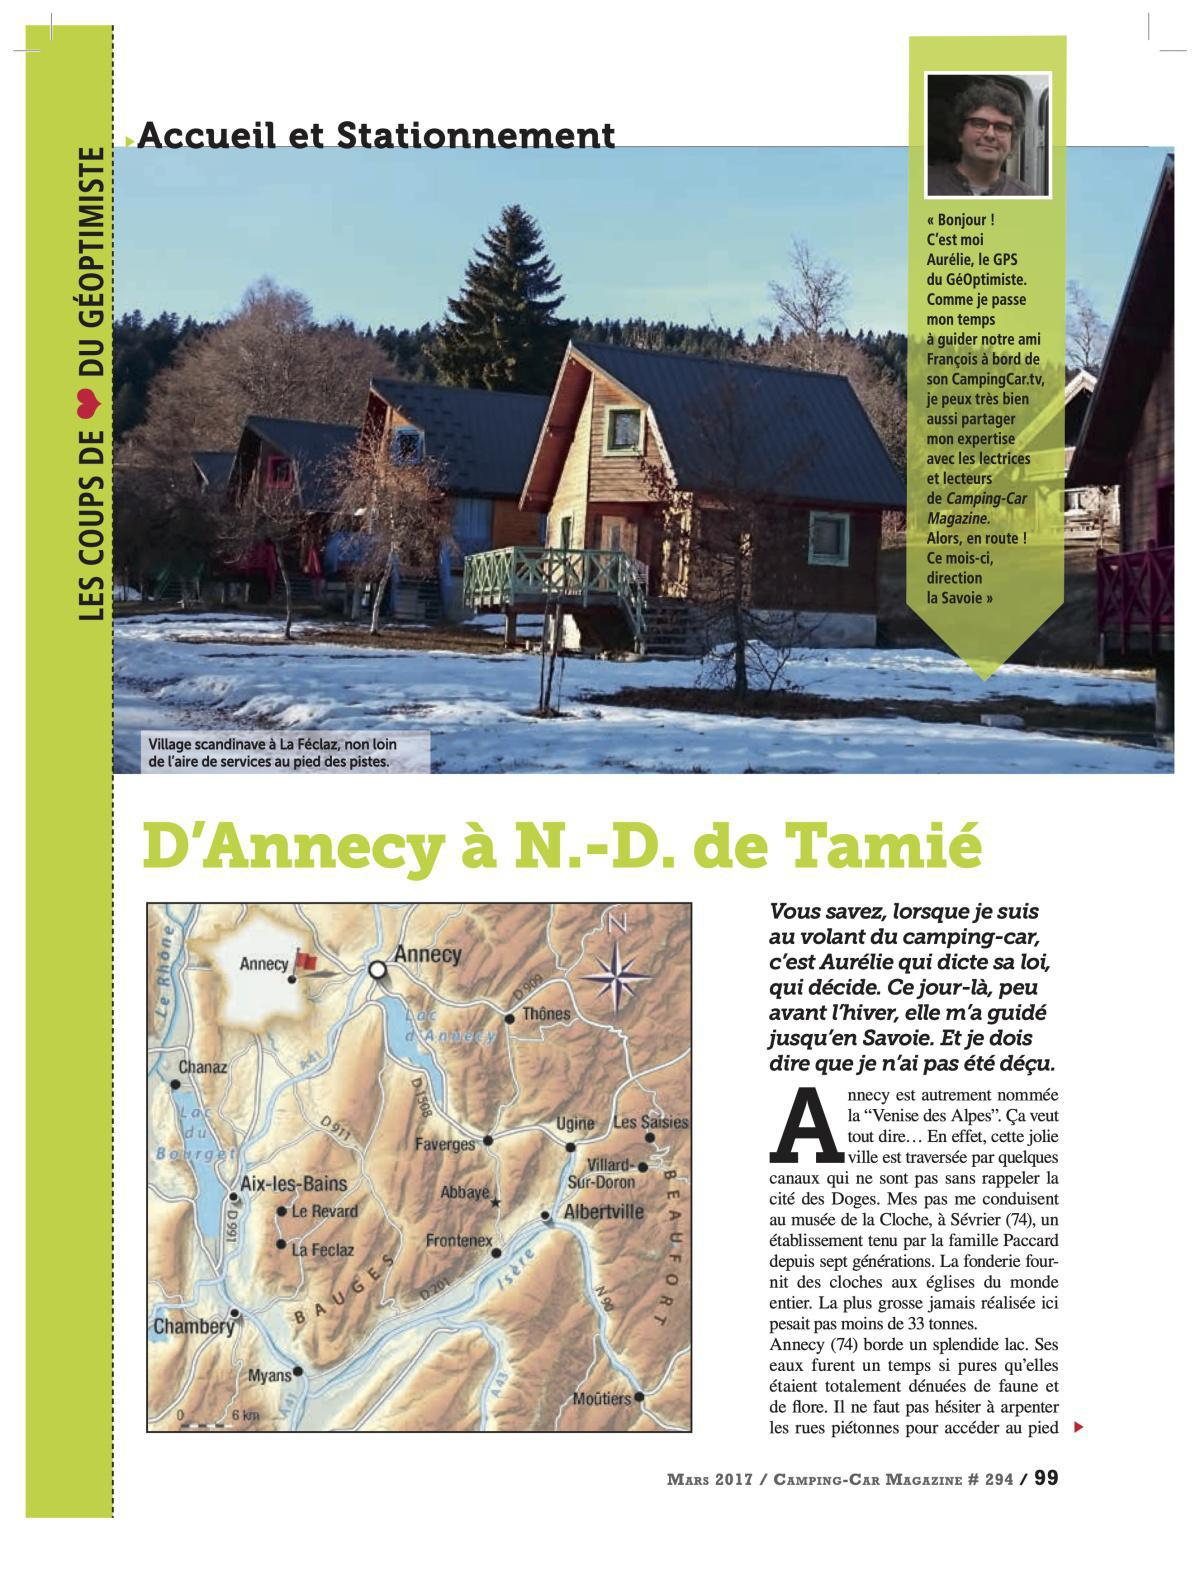 D'Annecy à N.D. de Tamié - CCM 294